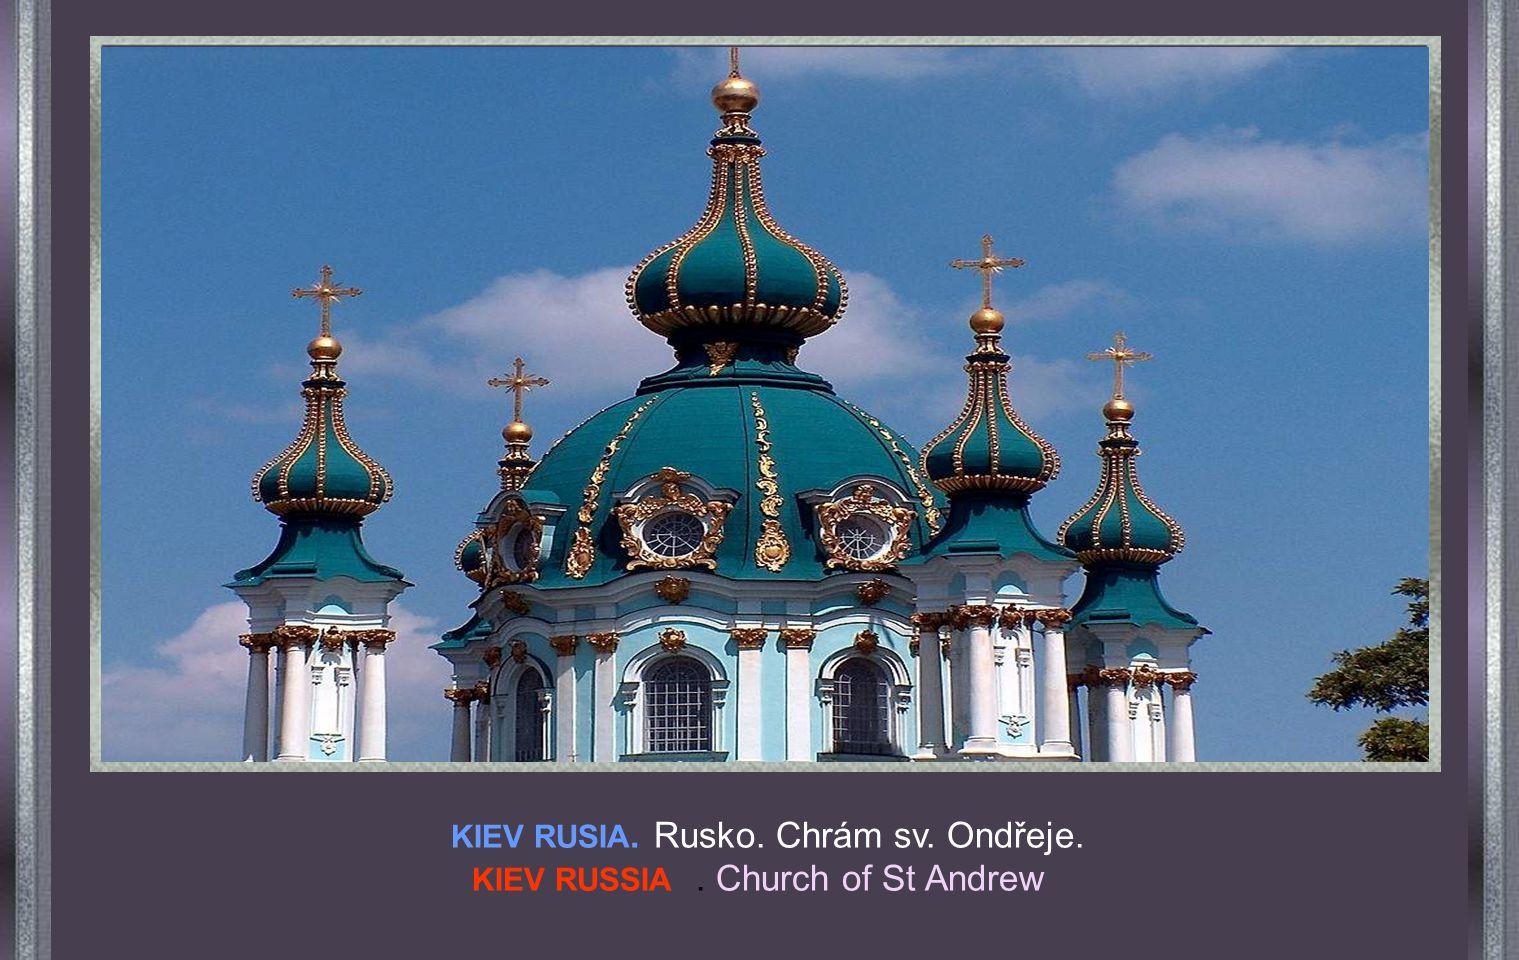 POLONIA. Rudzka Chrám Panny Marie. POLAND. Church of Our Lady of Rudzka